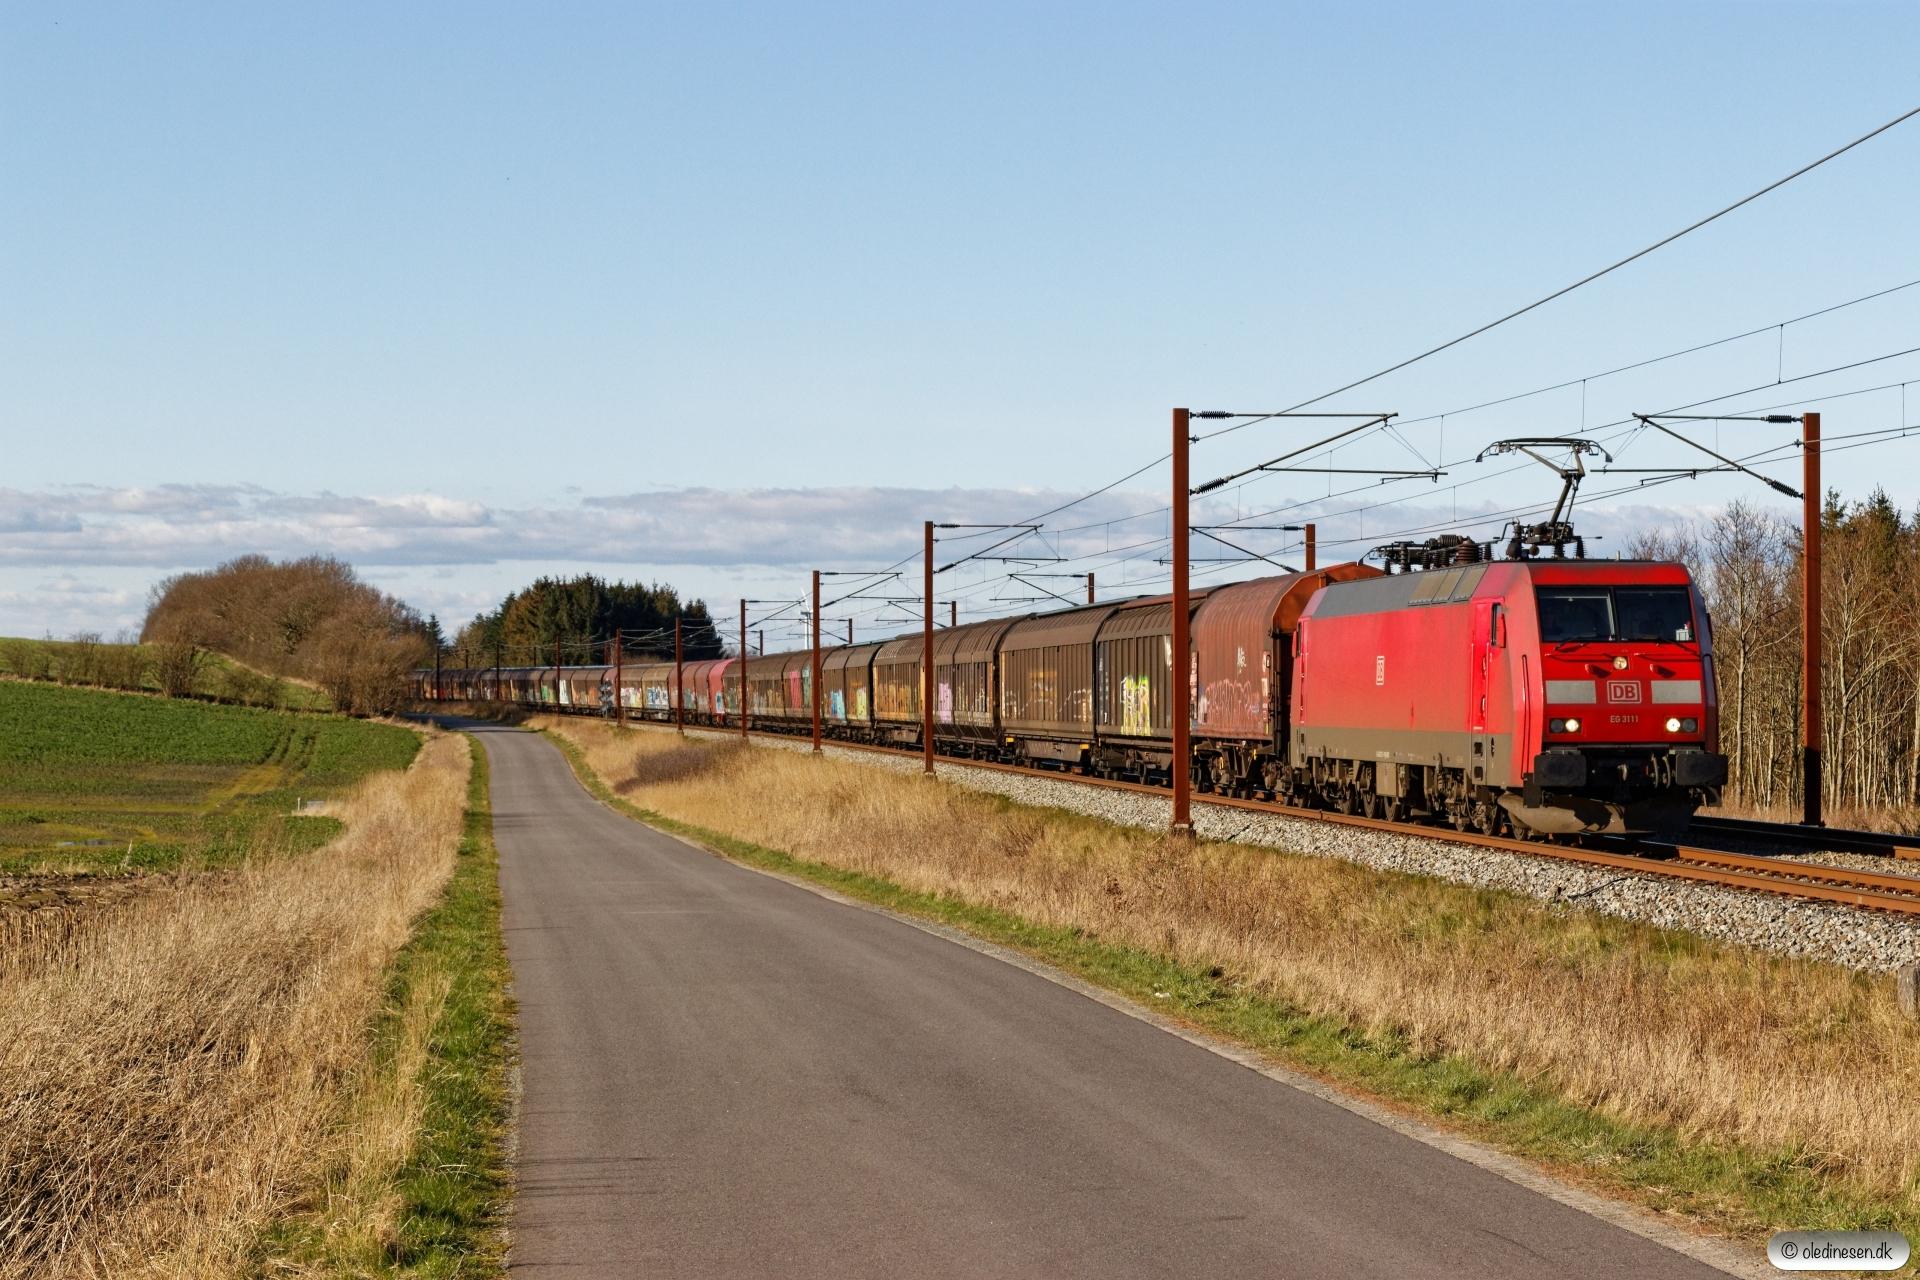 DBCSC EG 3111 med GD 44728 Pa-Mgb. Km 195,4 Kh (Ejby-Nørre Åby) 21.03.2020.